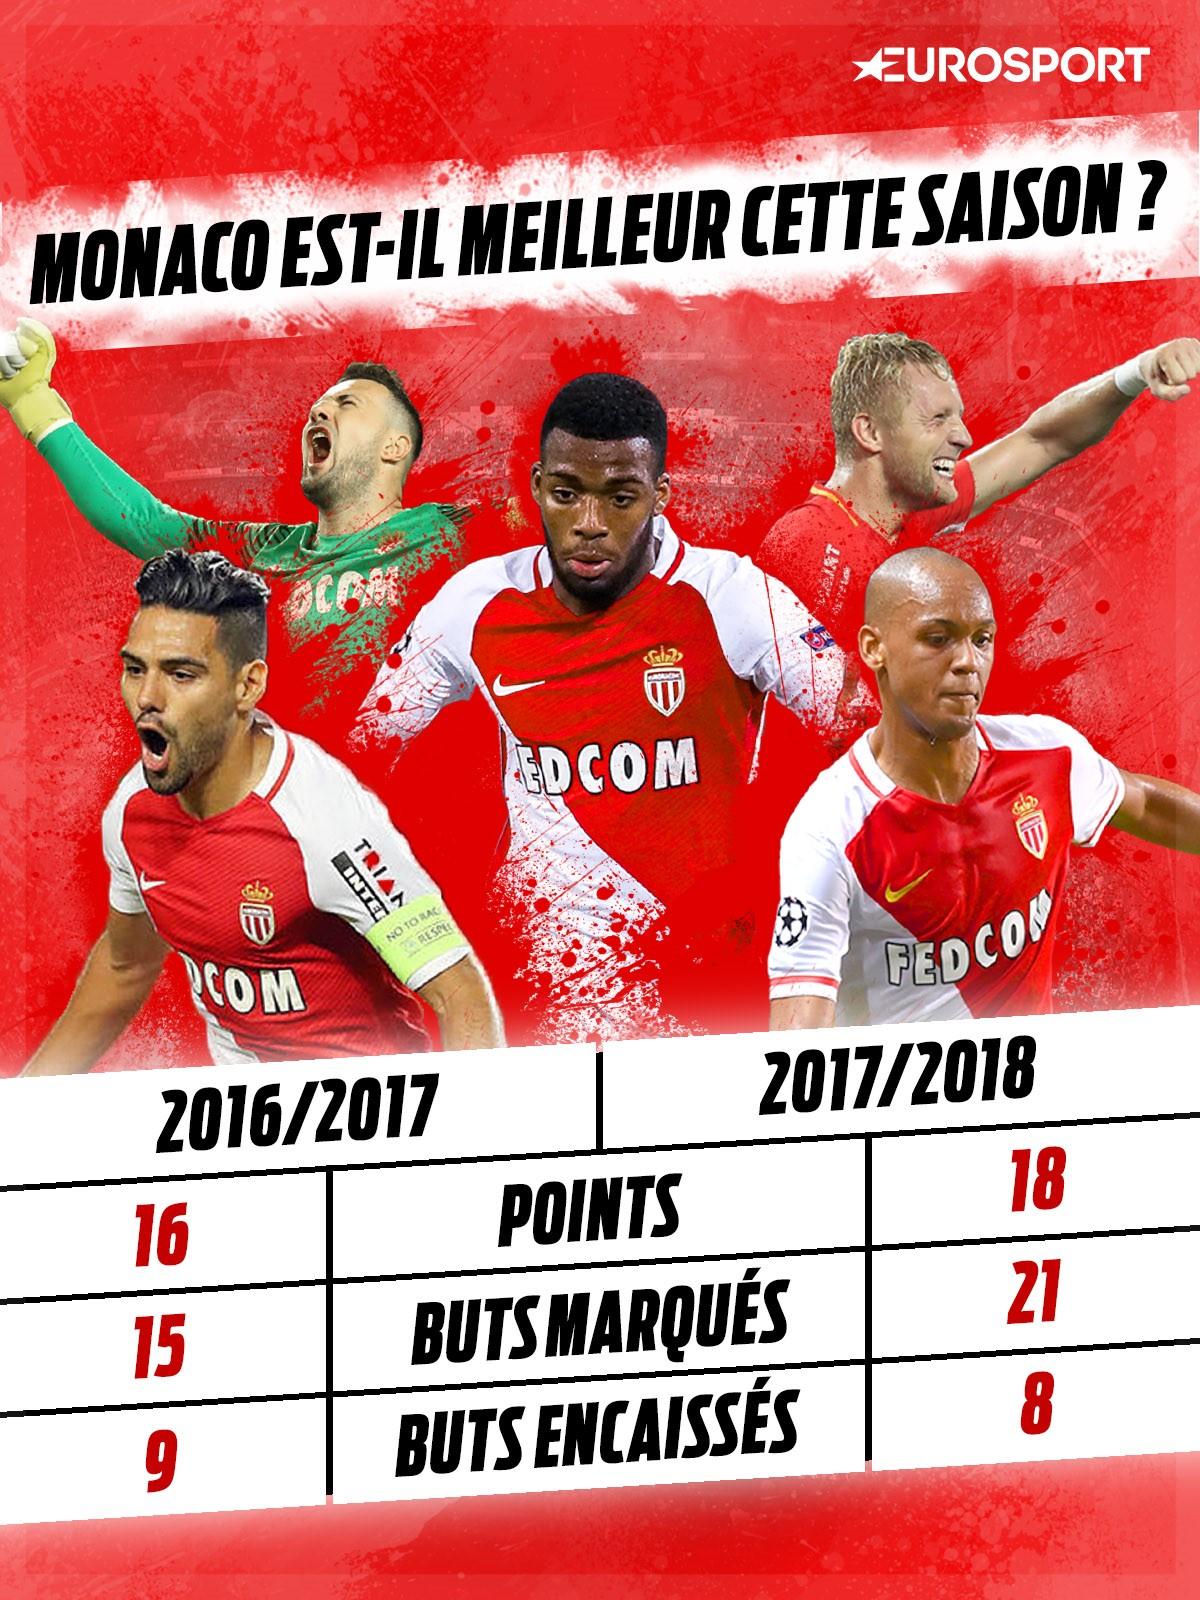 Infographie : Monaco est-il meilleur que la saison passée ?